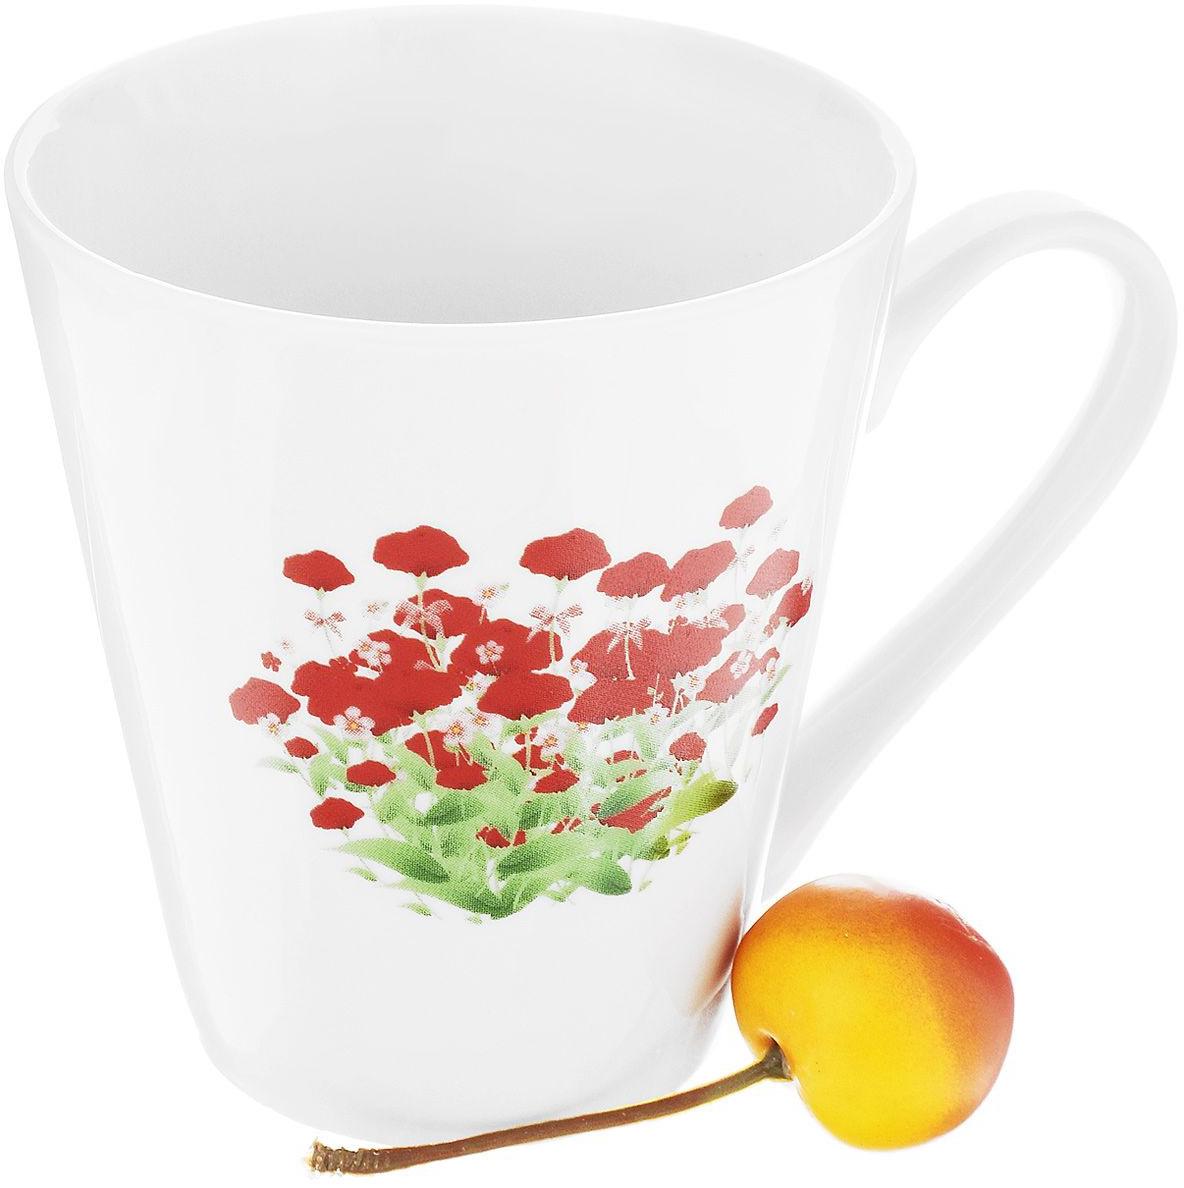 Кружка Фарфор Вербилок Альпийский луг. 92734409273440Красивая фарфоровая кружка способна скрасить любое чаепитие. Посуда из такого материала позволяет сохранить истинный вкус напитка, а также помогает ему дольше оставаться теплым.